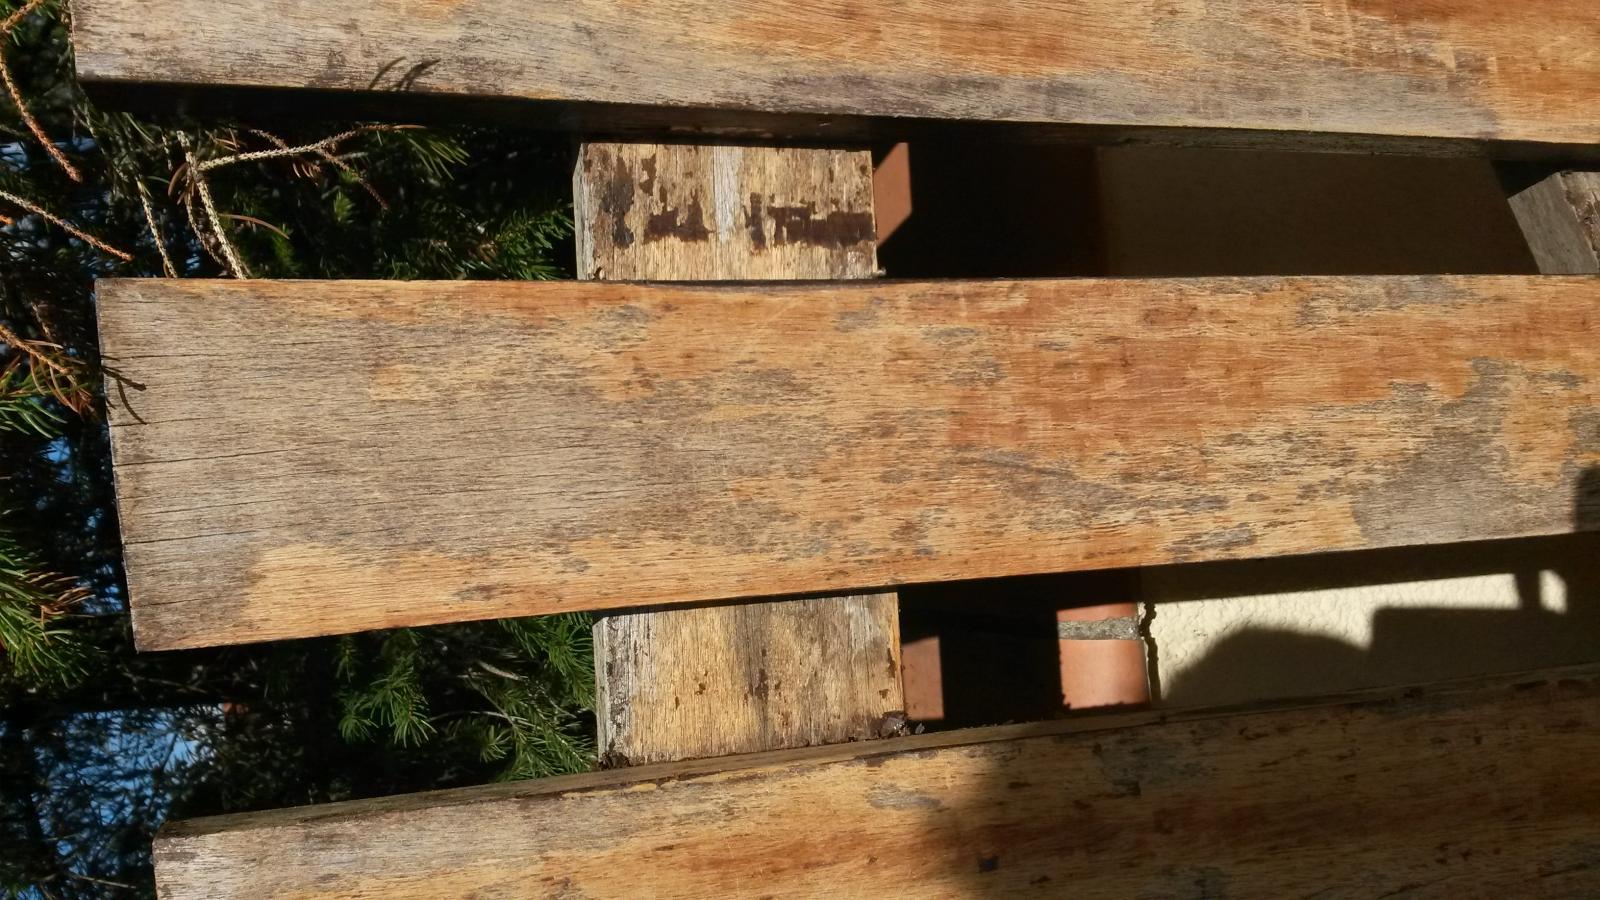 Traitement bois avant lasure for Traitement bois avant peinture